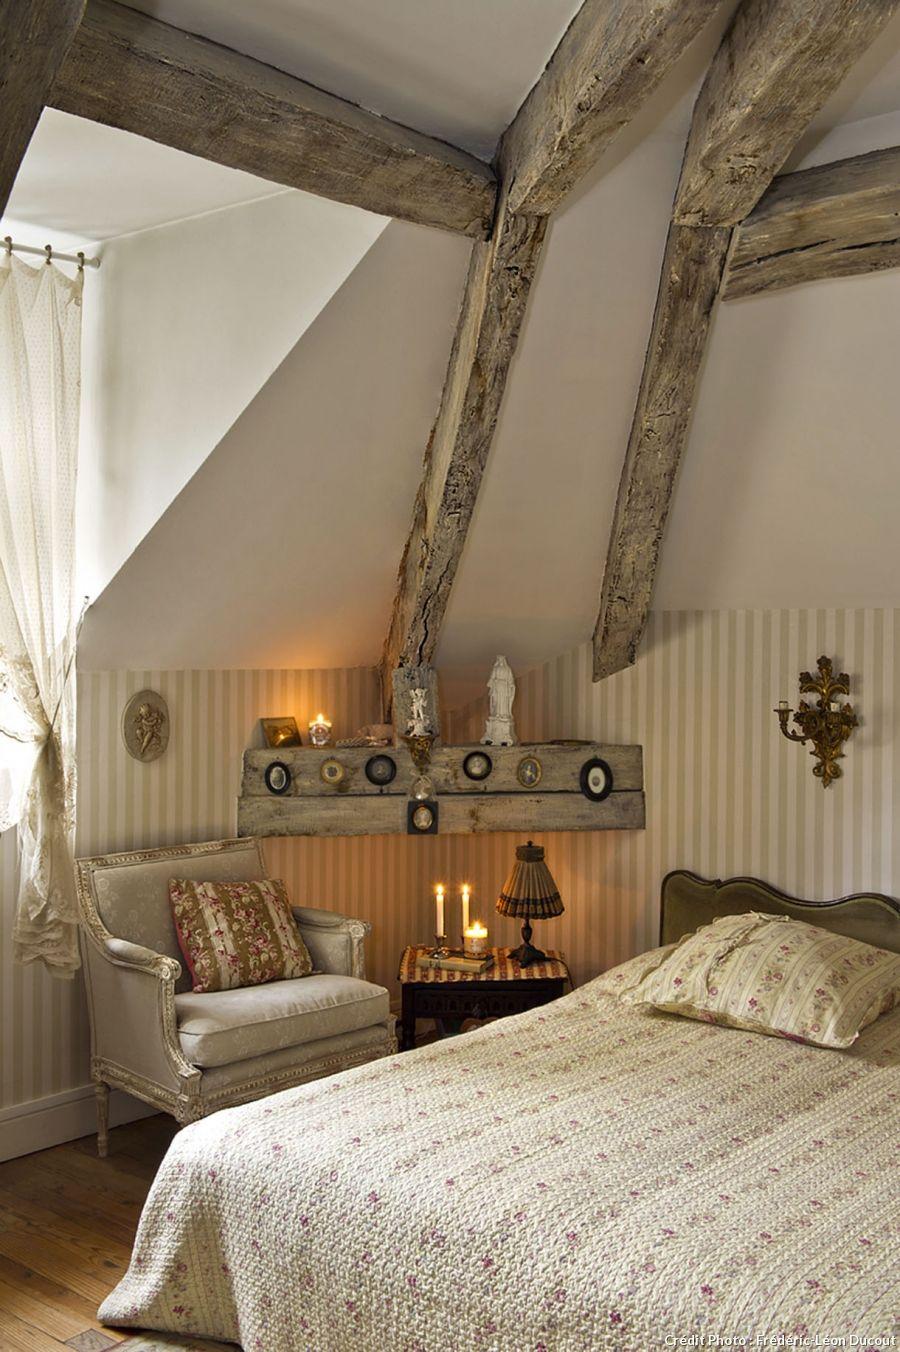 dans la marne une demeure au charme d 39 antan escalier. Black Bedroom Furniture Sets. Home Design Ideas